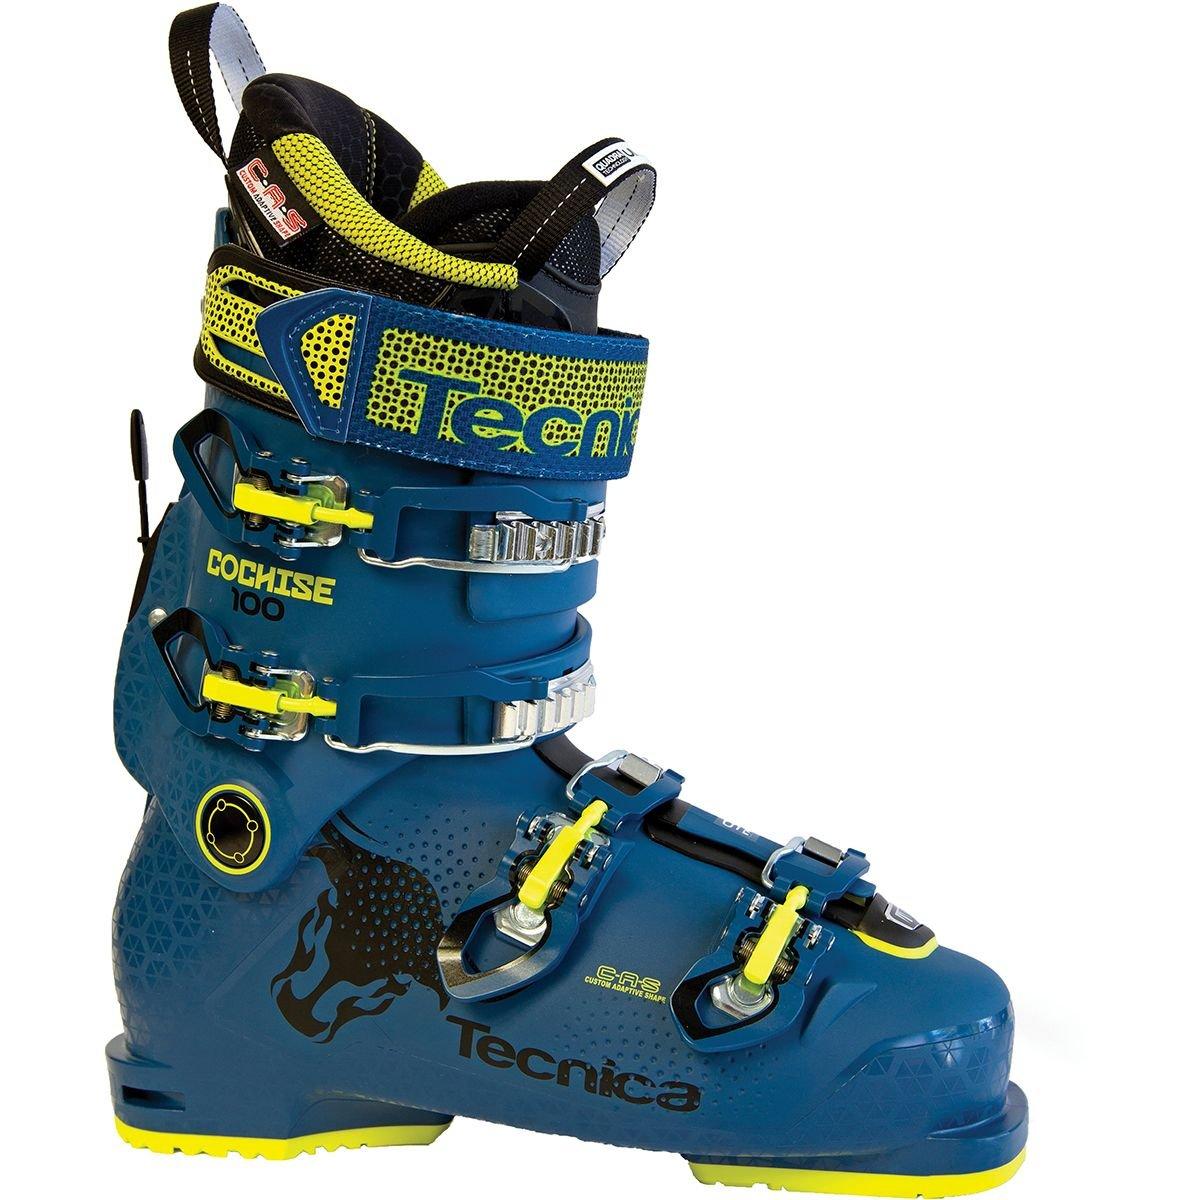 Tecnica Cochise 100スキーブーツ – メンズ 1色